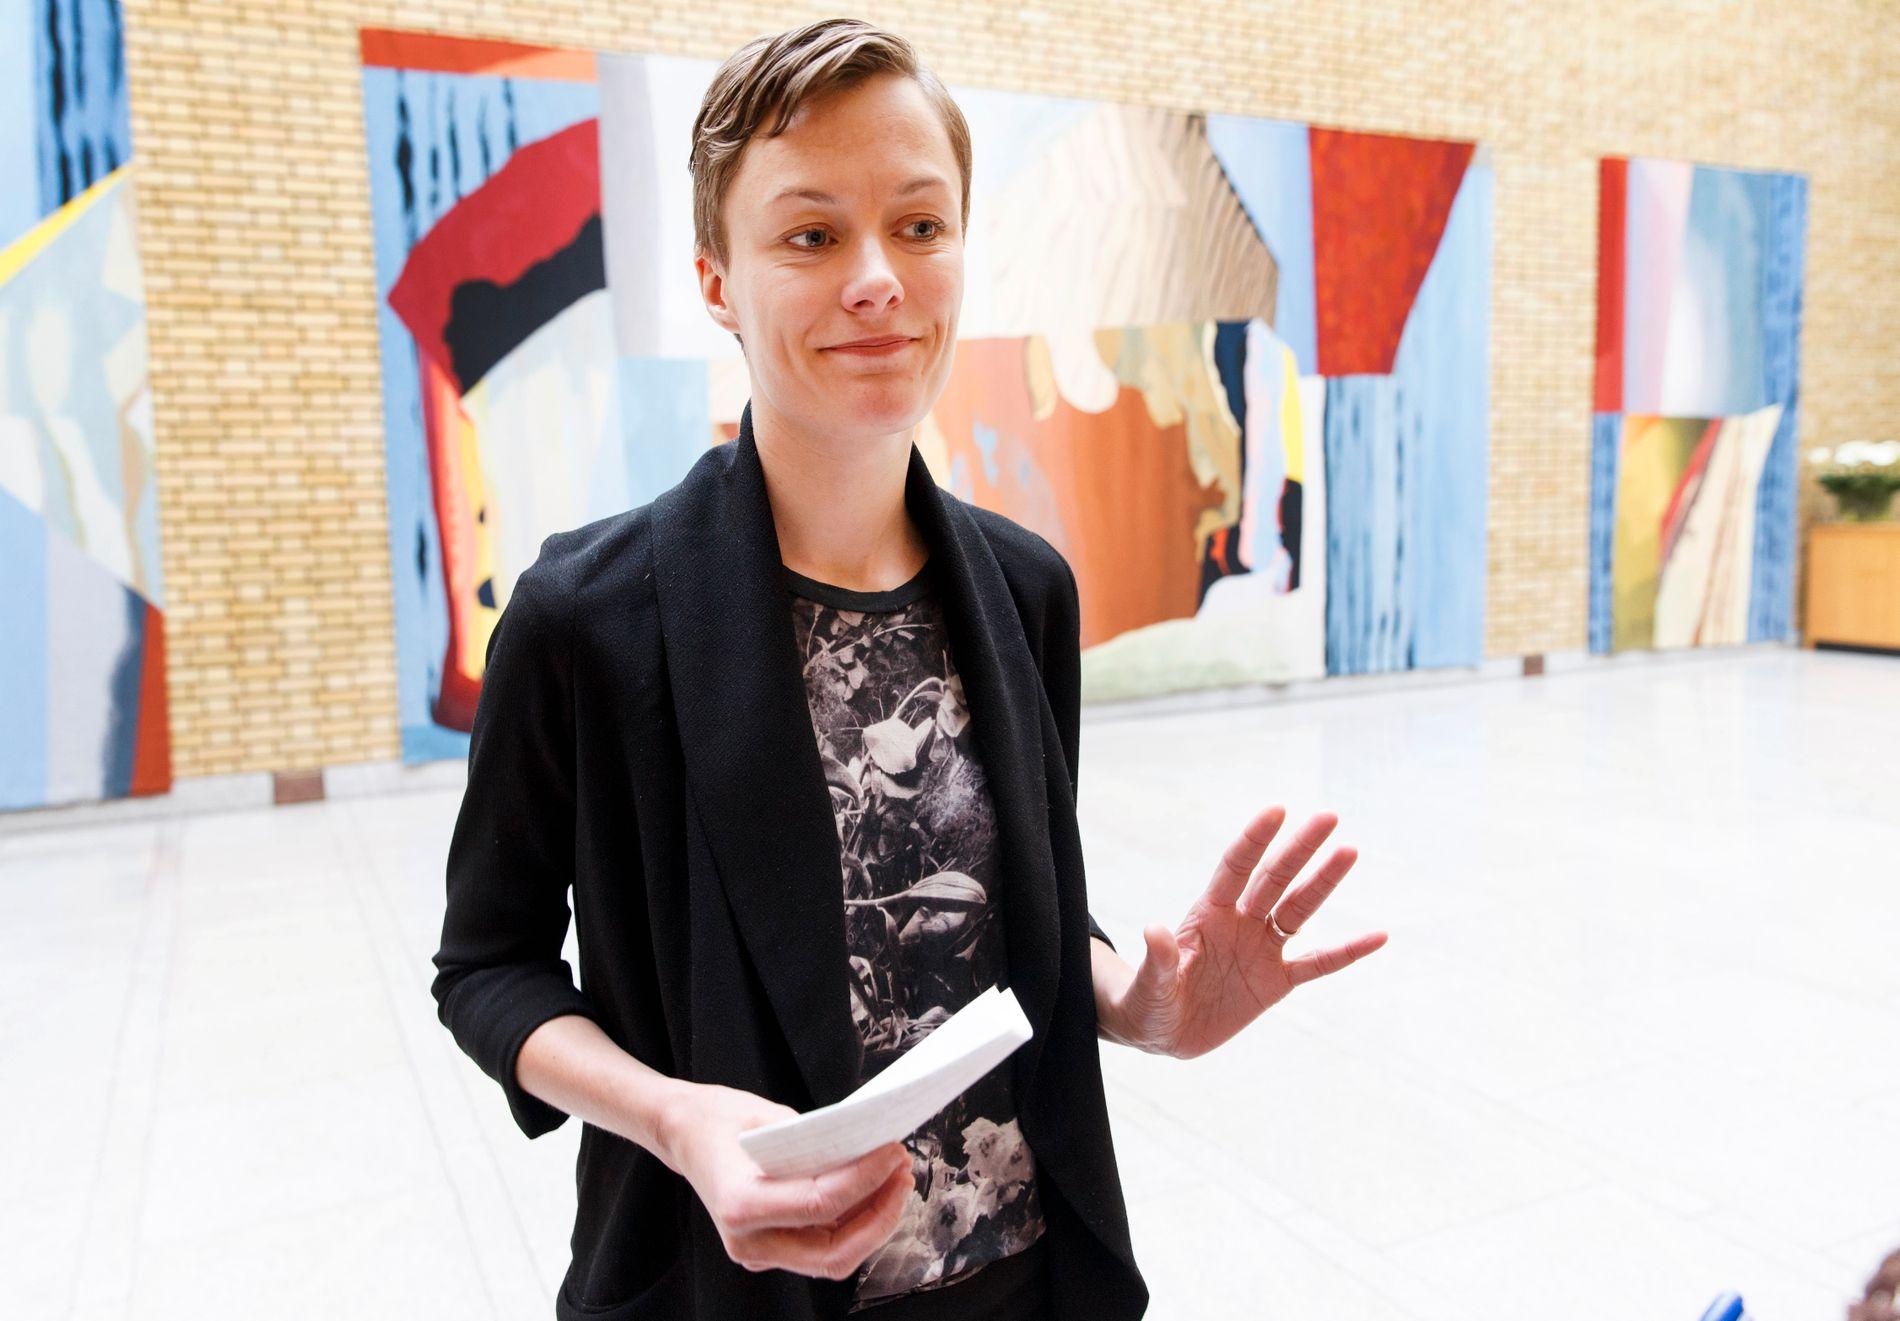 – HAR IKKE PEILING: Arbeiderpartiets familiepolitiske talsperson, Anette Trettebergstuen mener helseminister Bent Høie ikke har peiling når han sammenligner sin egen legning med diskriminering mot personer med downs syndrom i abortdebatten.